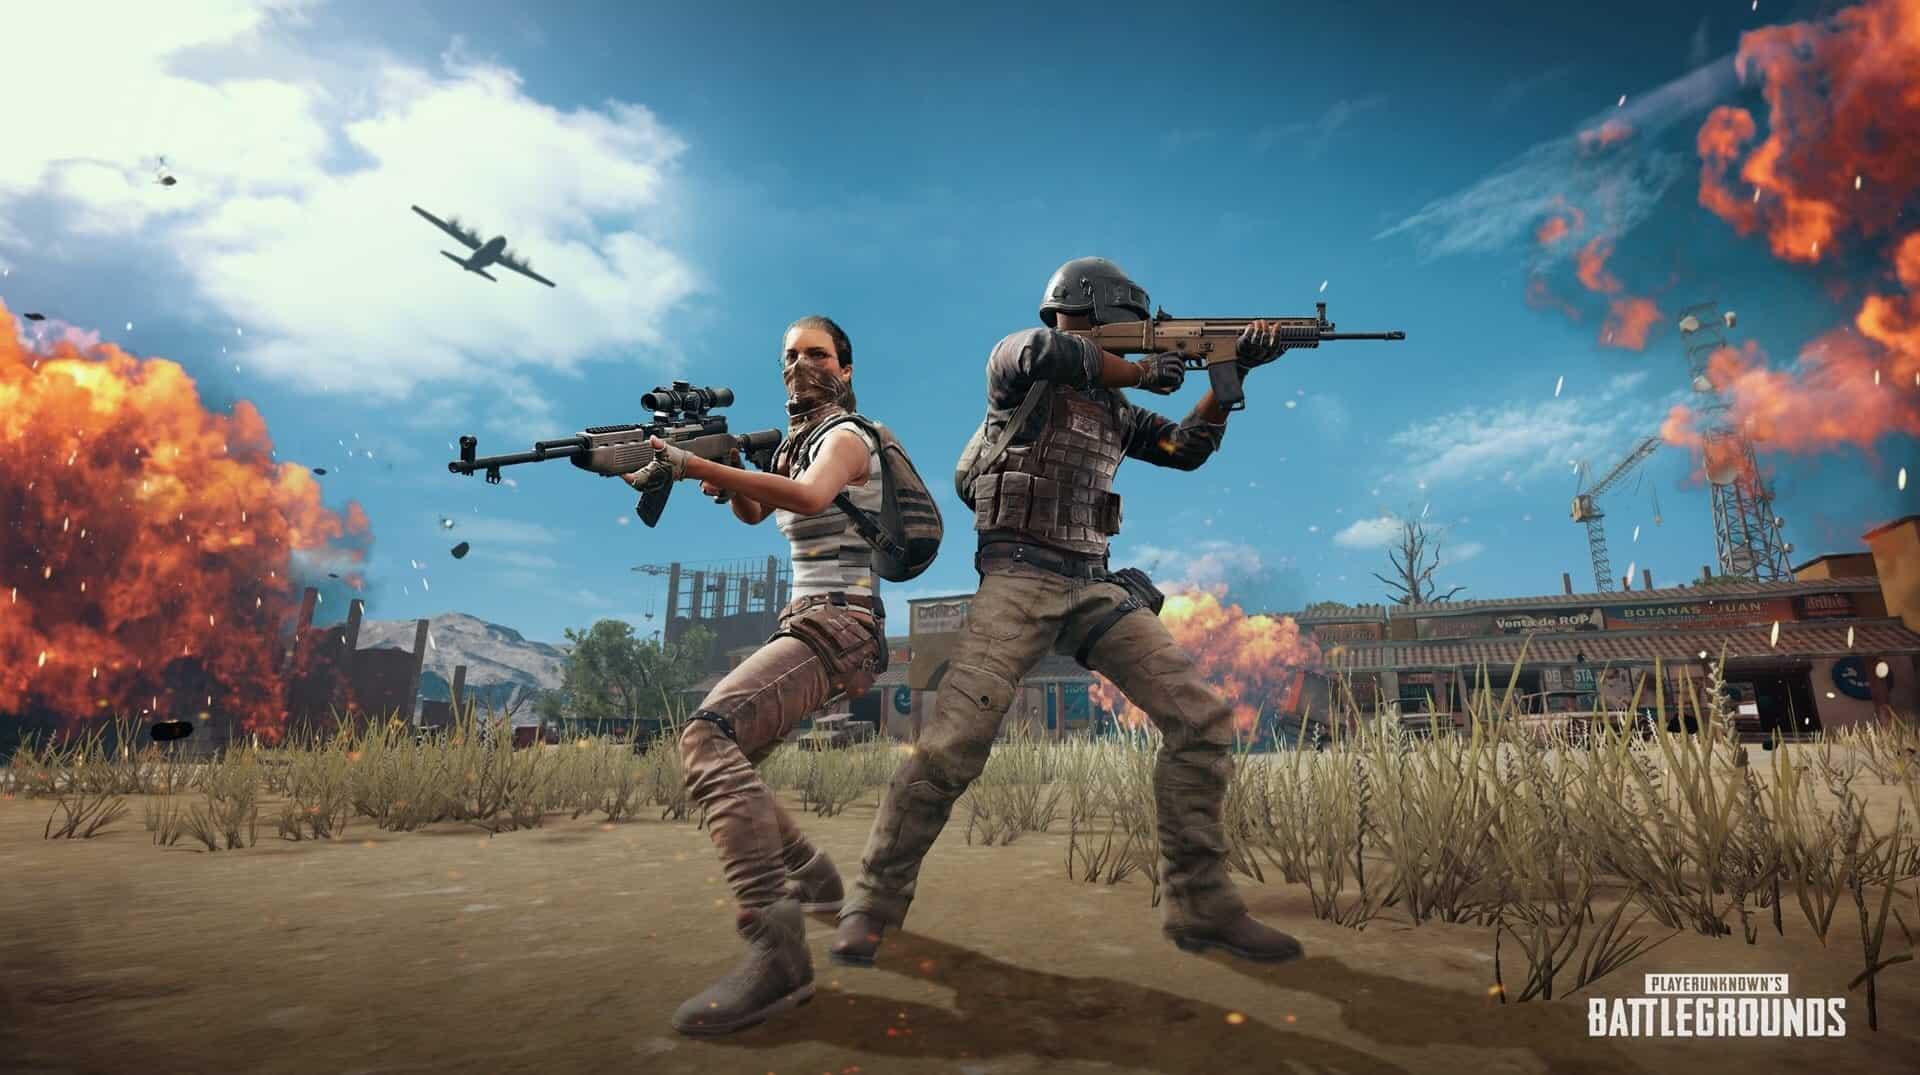 أرباح ببجي playerunknown's battlegrounds revenue 2018 1 billion excluding pubg mobile